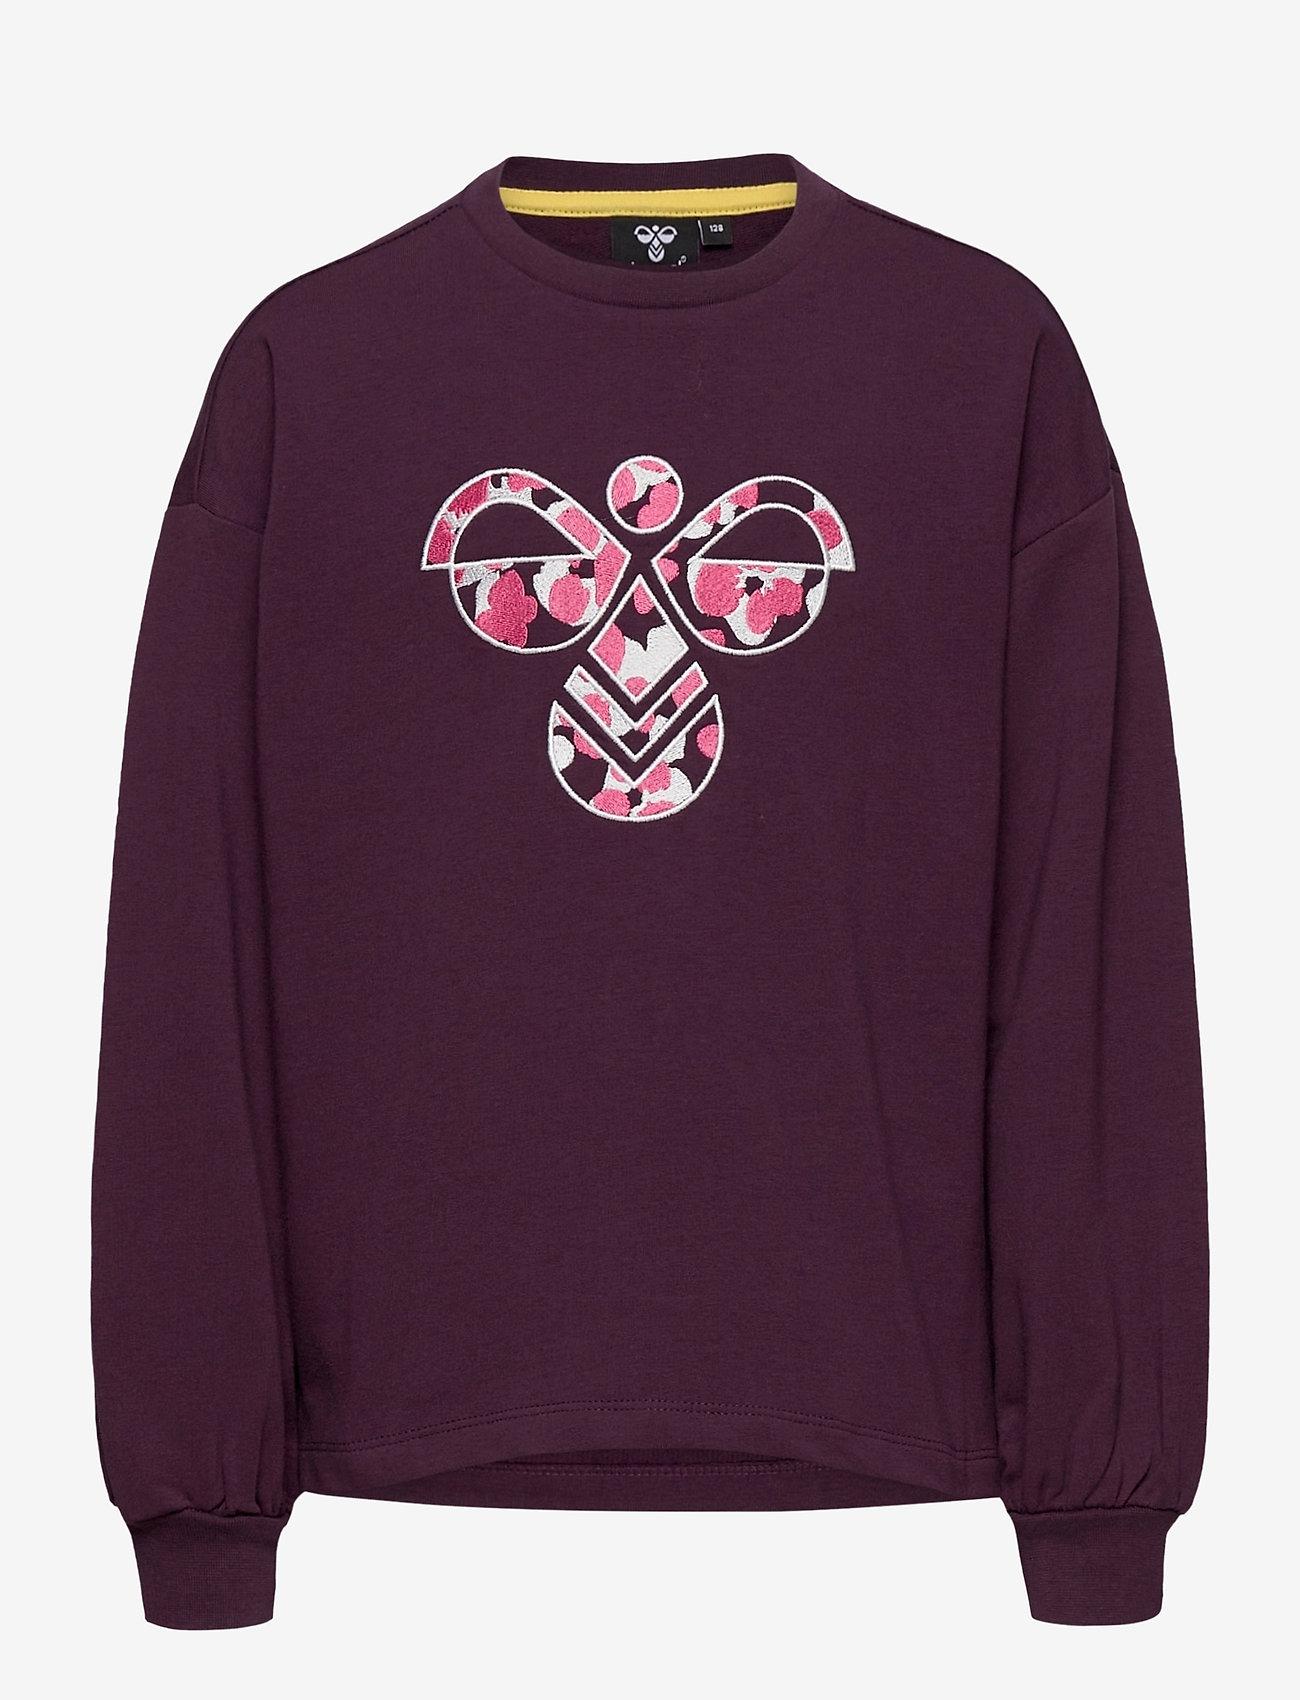 Hummel - hmlSHIKOKO SWEATSHIRT - sweatshirts - blackberry wine - 0